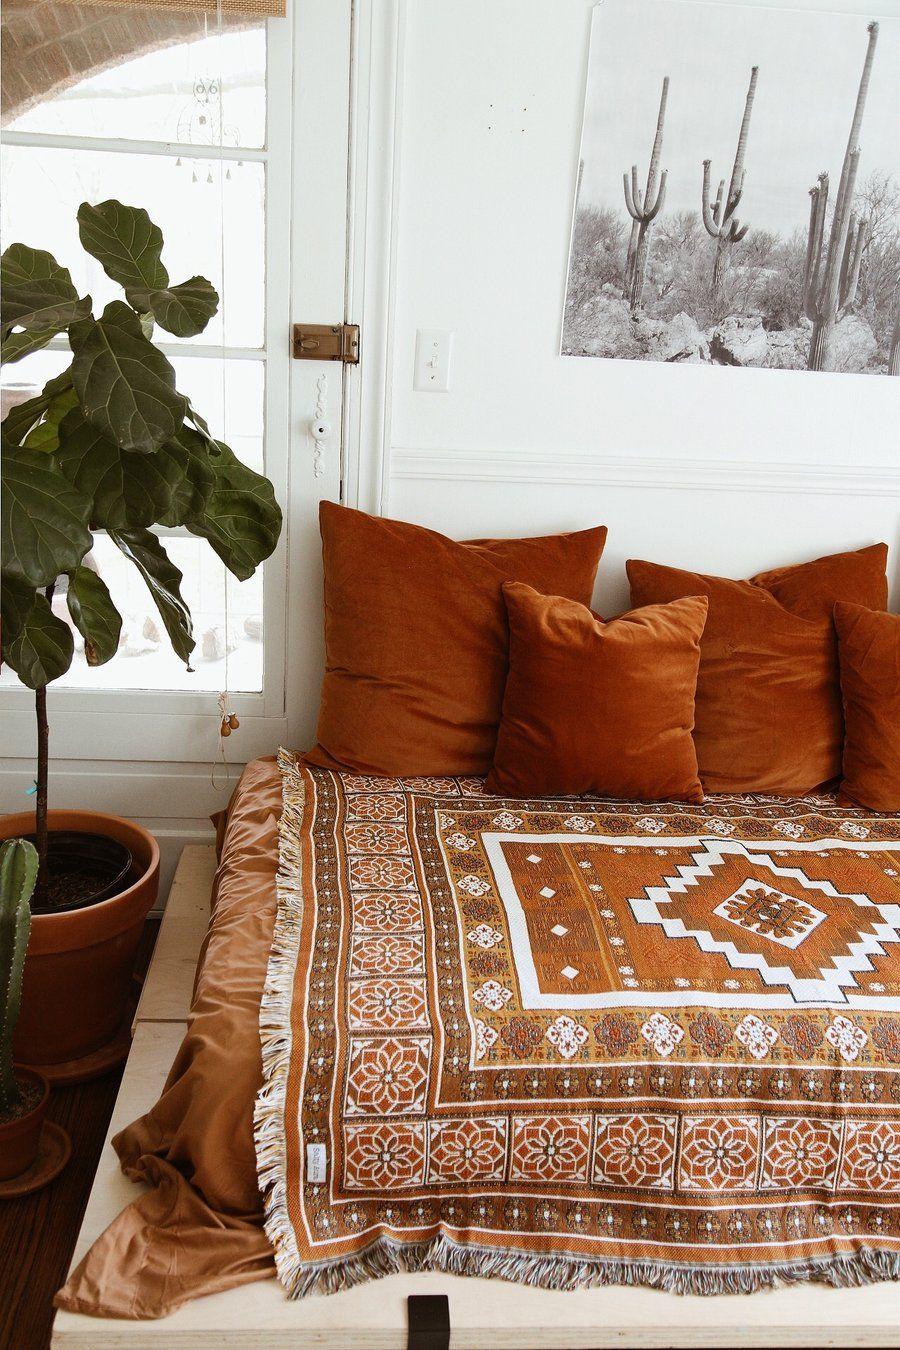 Salty Aura Travel Essentials Discount Home Decor Home Decor Catalogs Home Decor Near Me